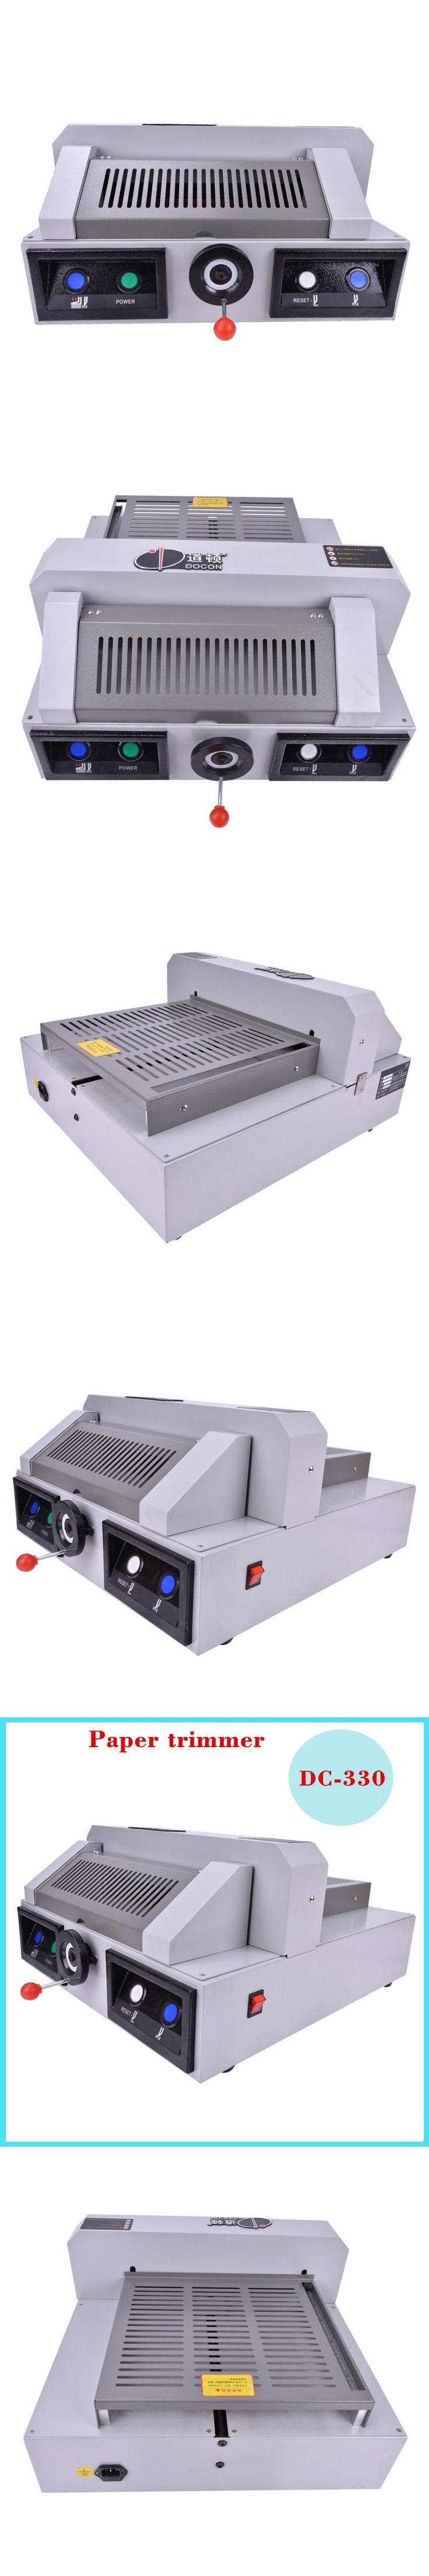 1PC DC-330 electric paper cutting machine,330mm desktop electric paper cutter machine,book cutting machine,paper trimmer